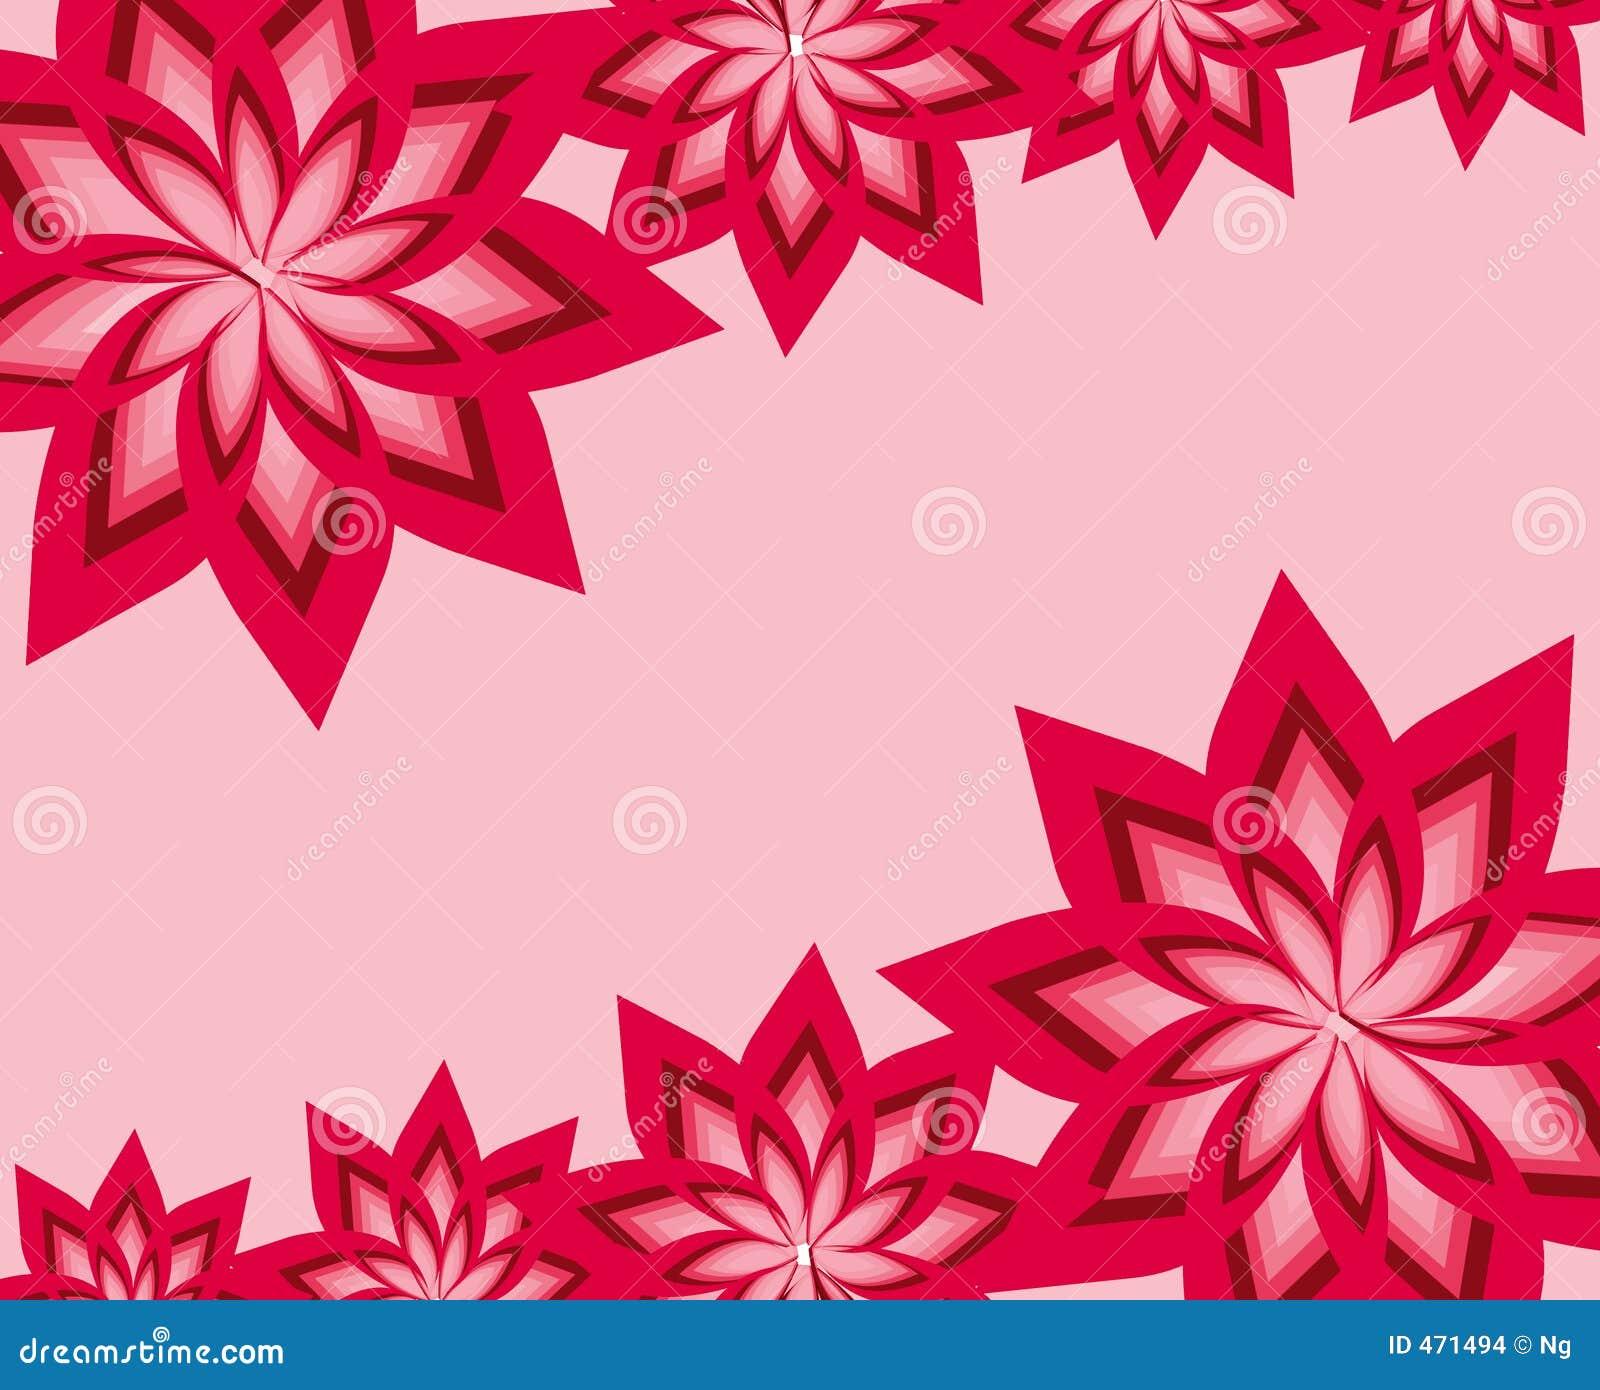 Complex floral frame